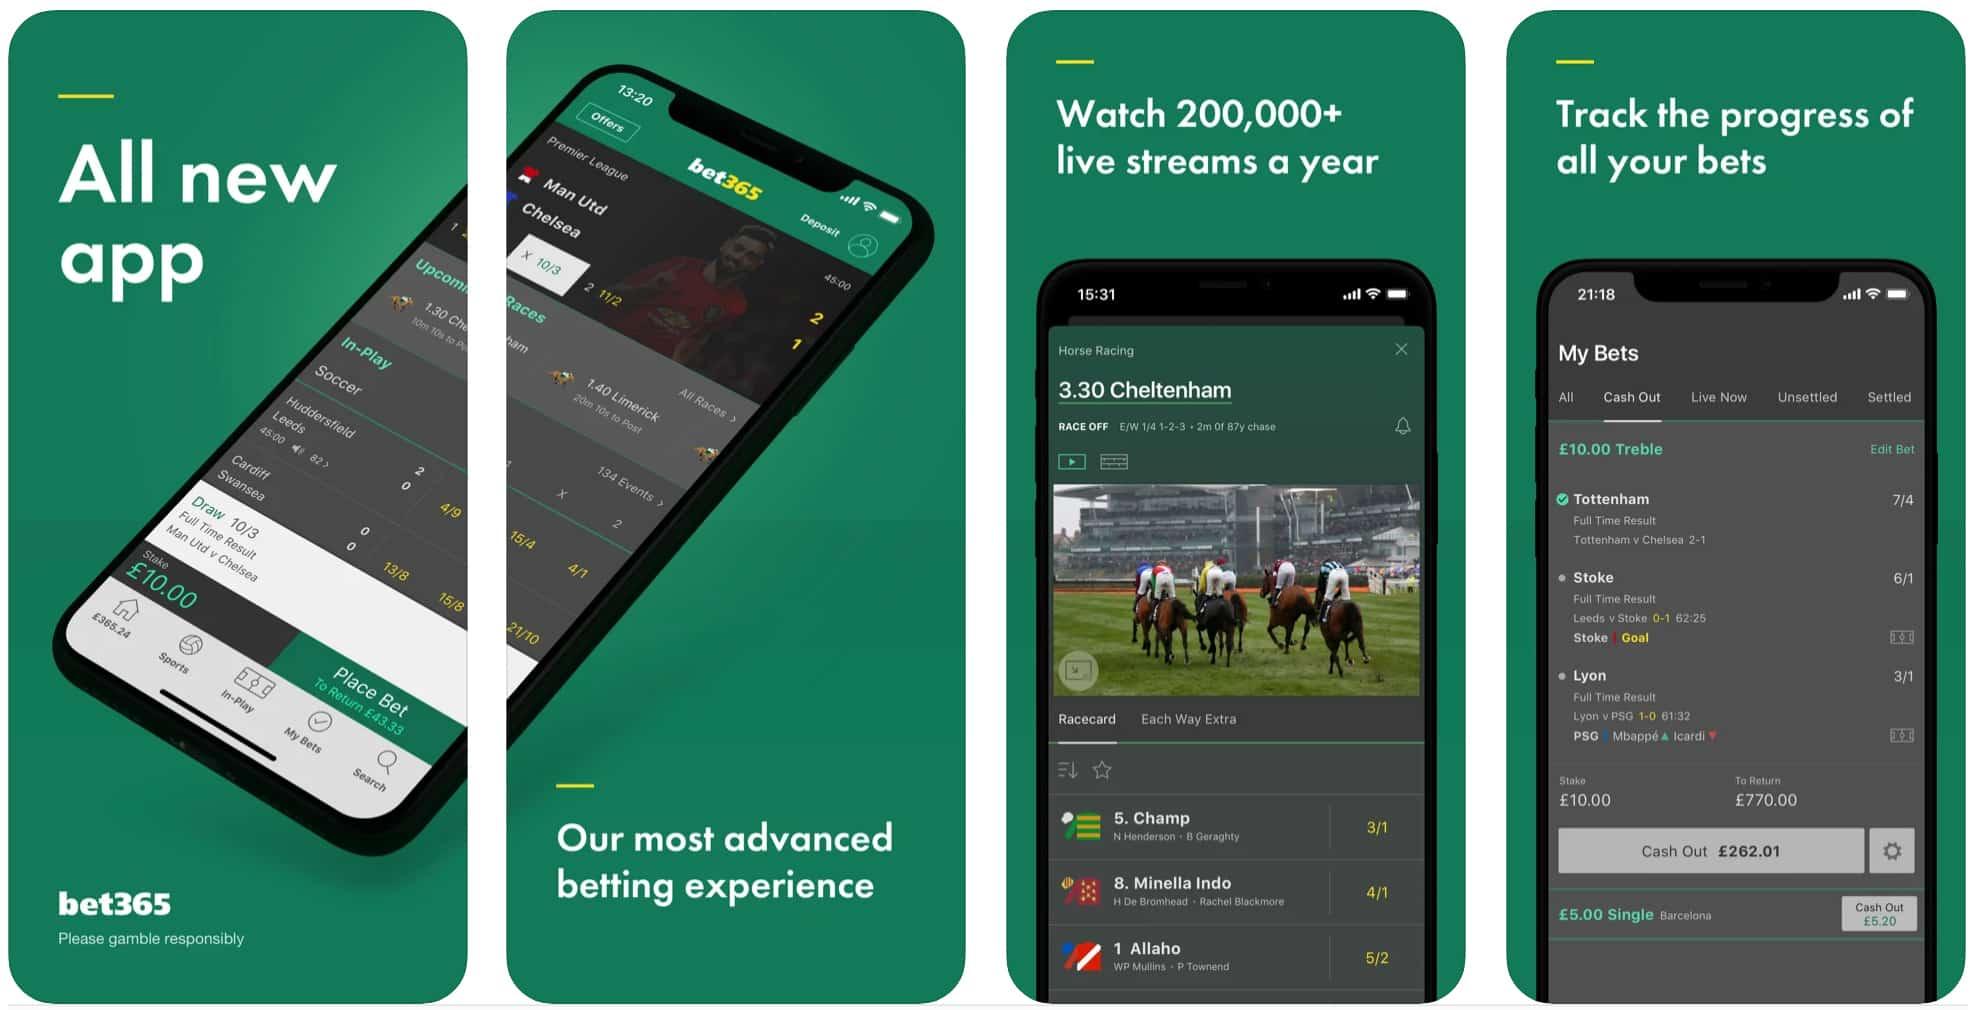 Bet365 Mobile App Screenshot